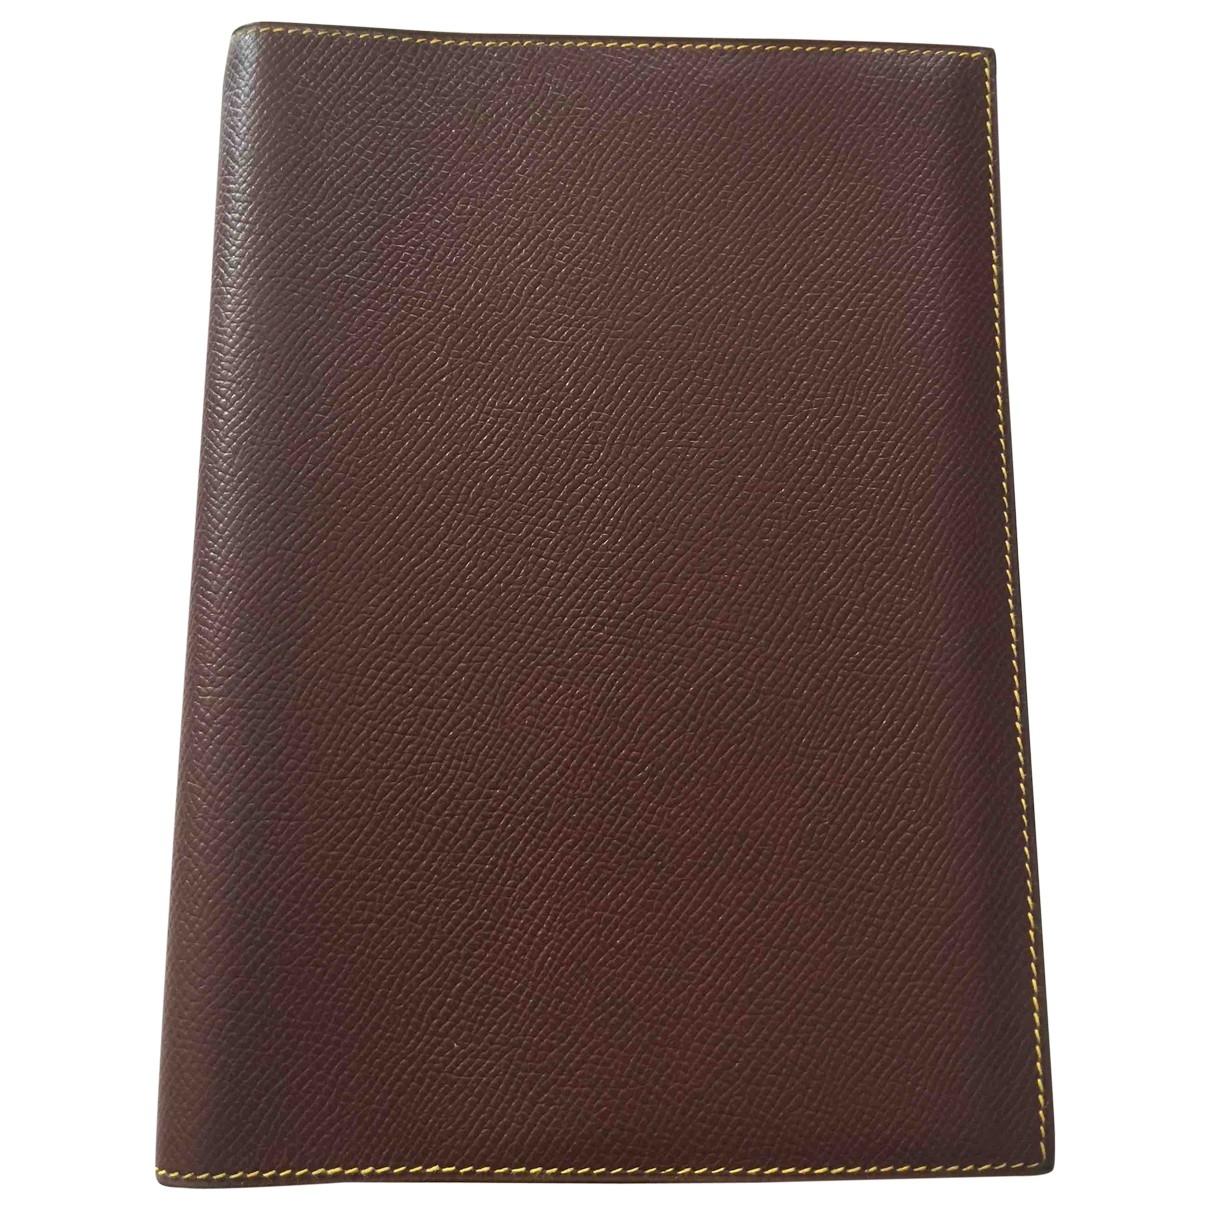 Hermes - Objets & Deco   pour lifestyle en cuir - marron